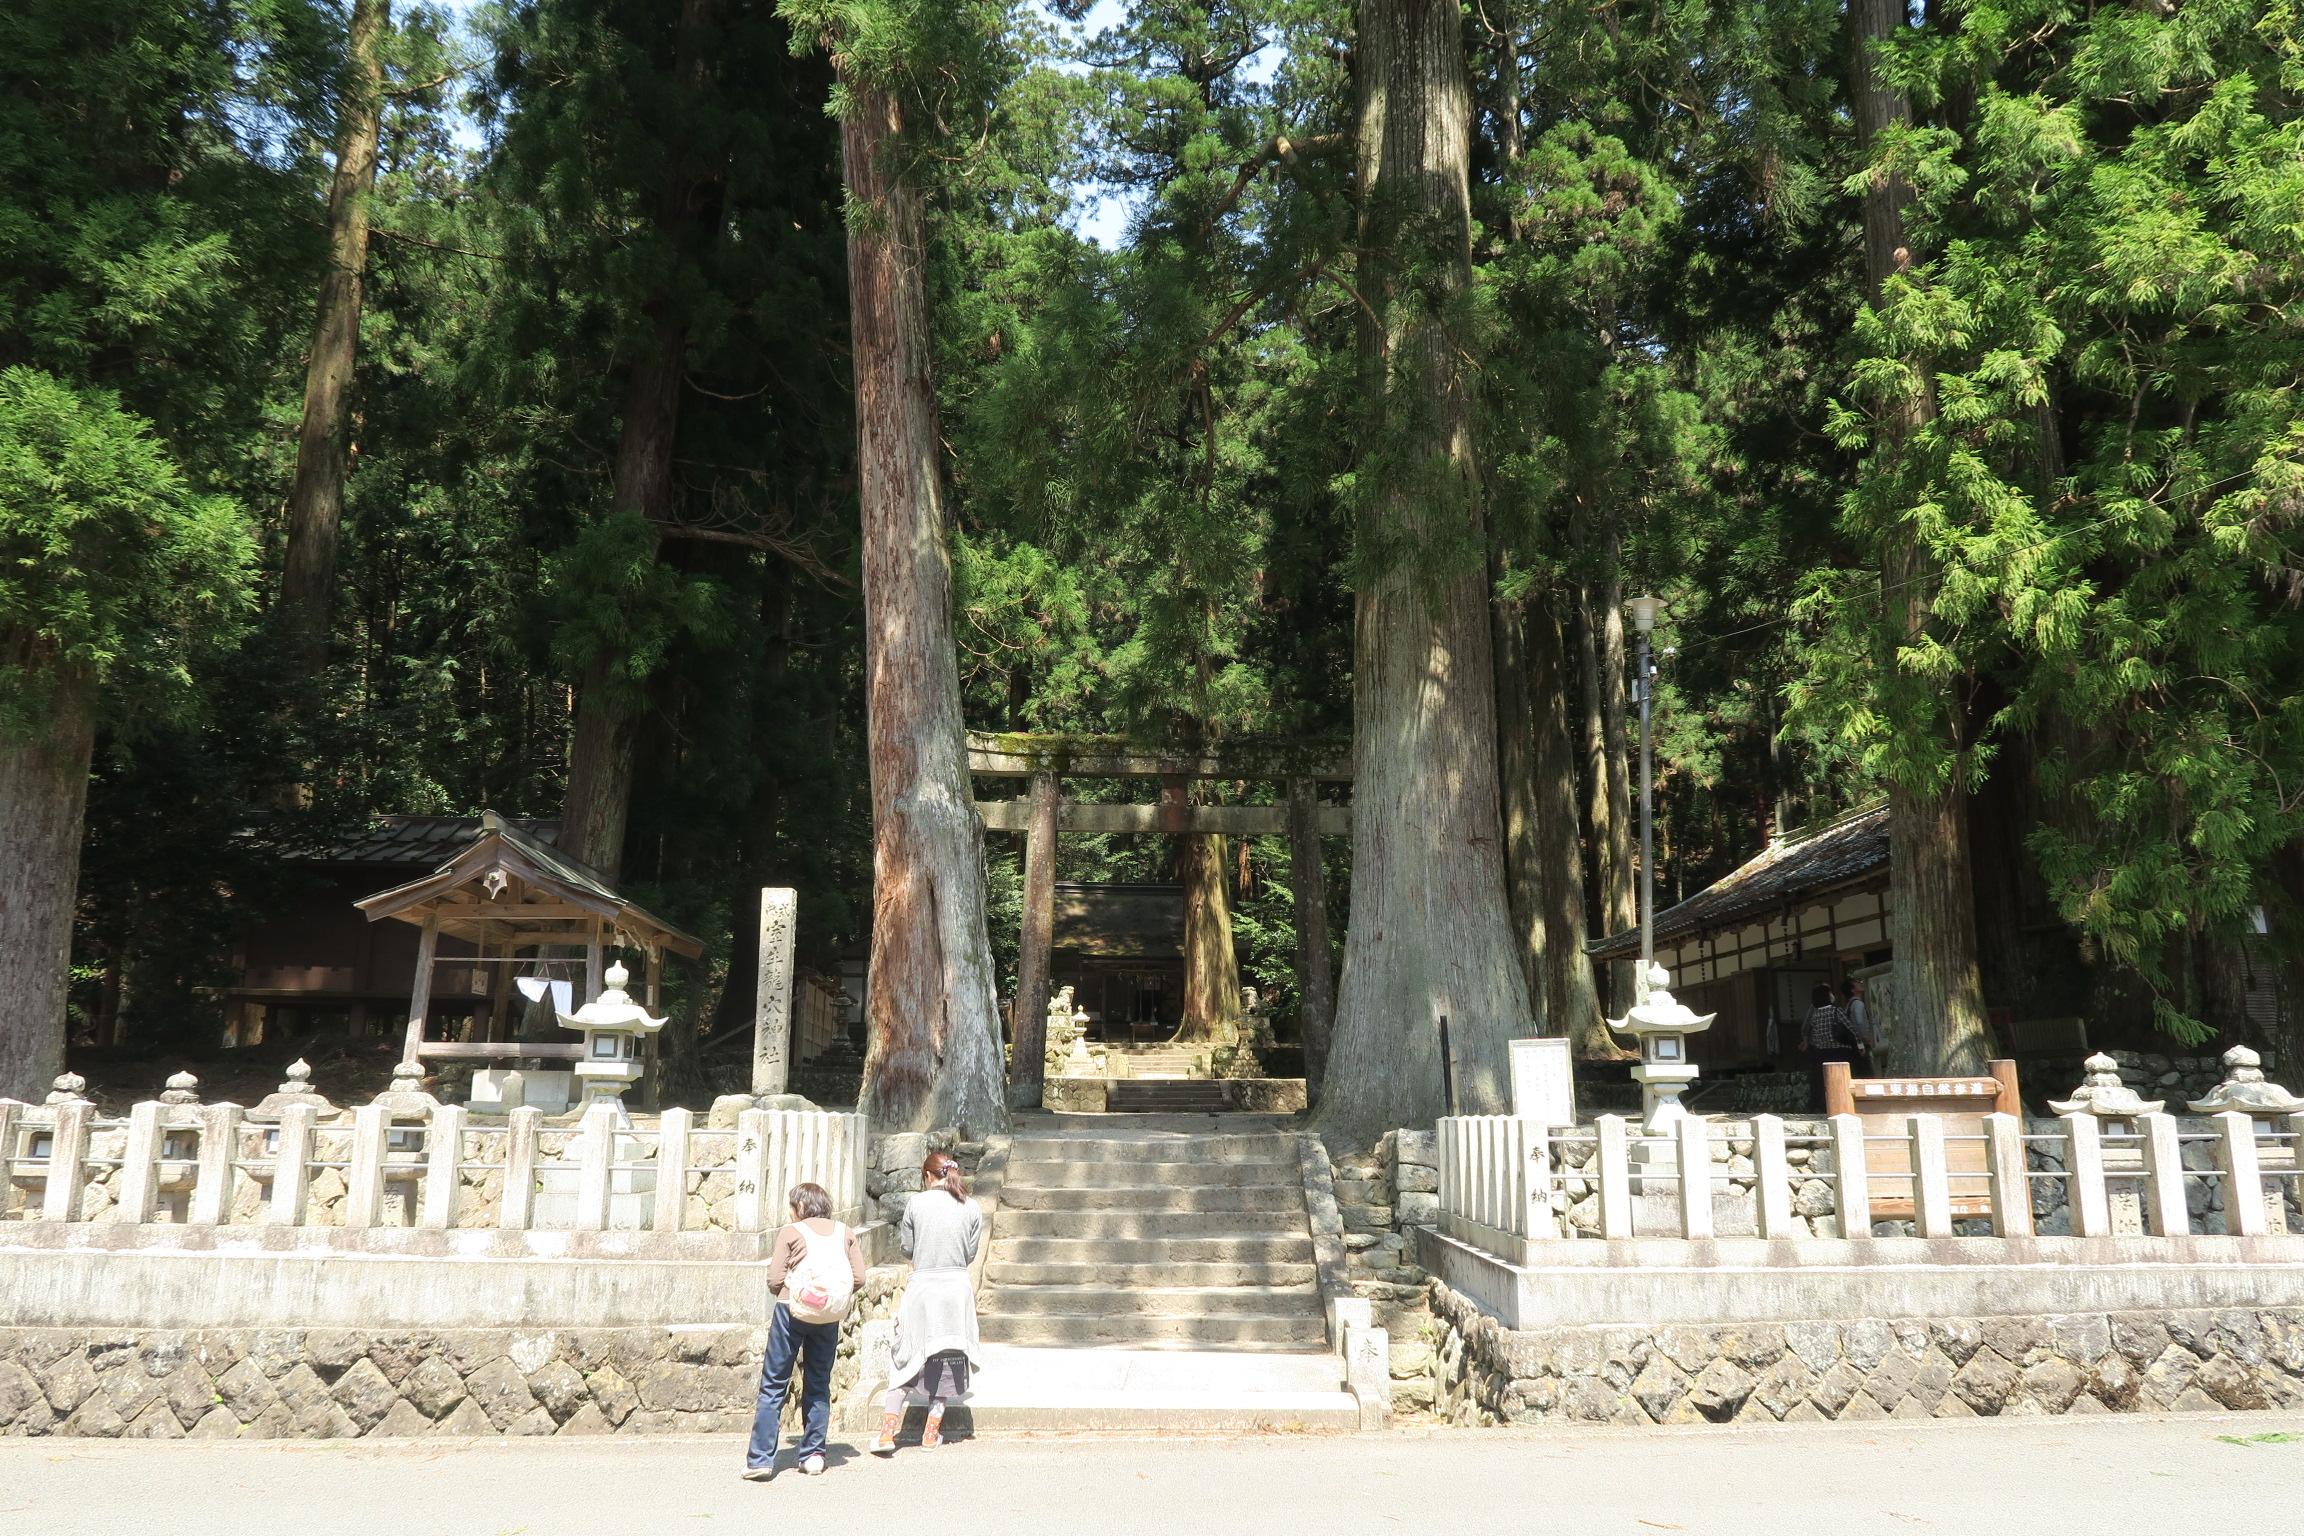 室生寺から徒歩15分位の所に位置する龍神を祀る『室生龍穴神社』。